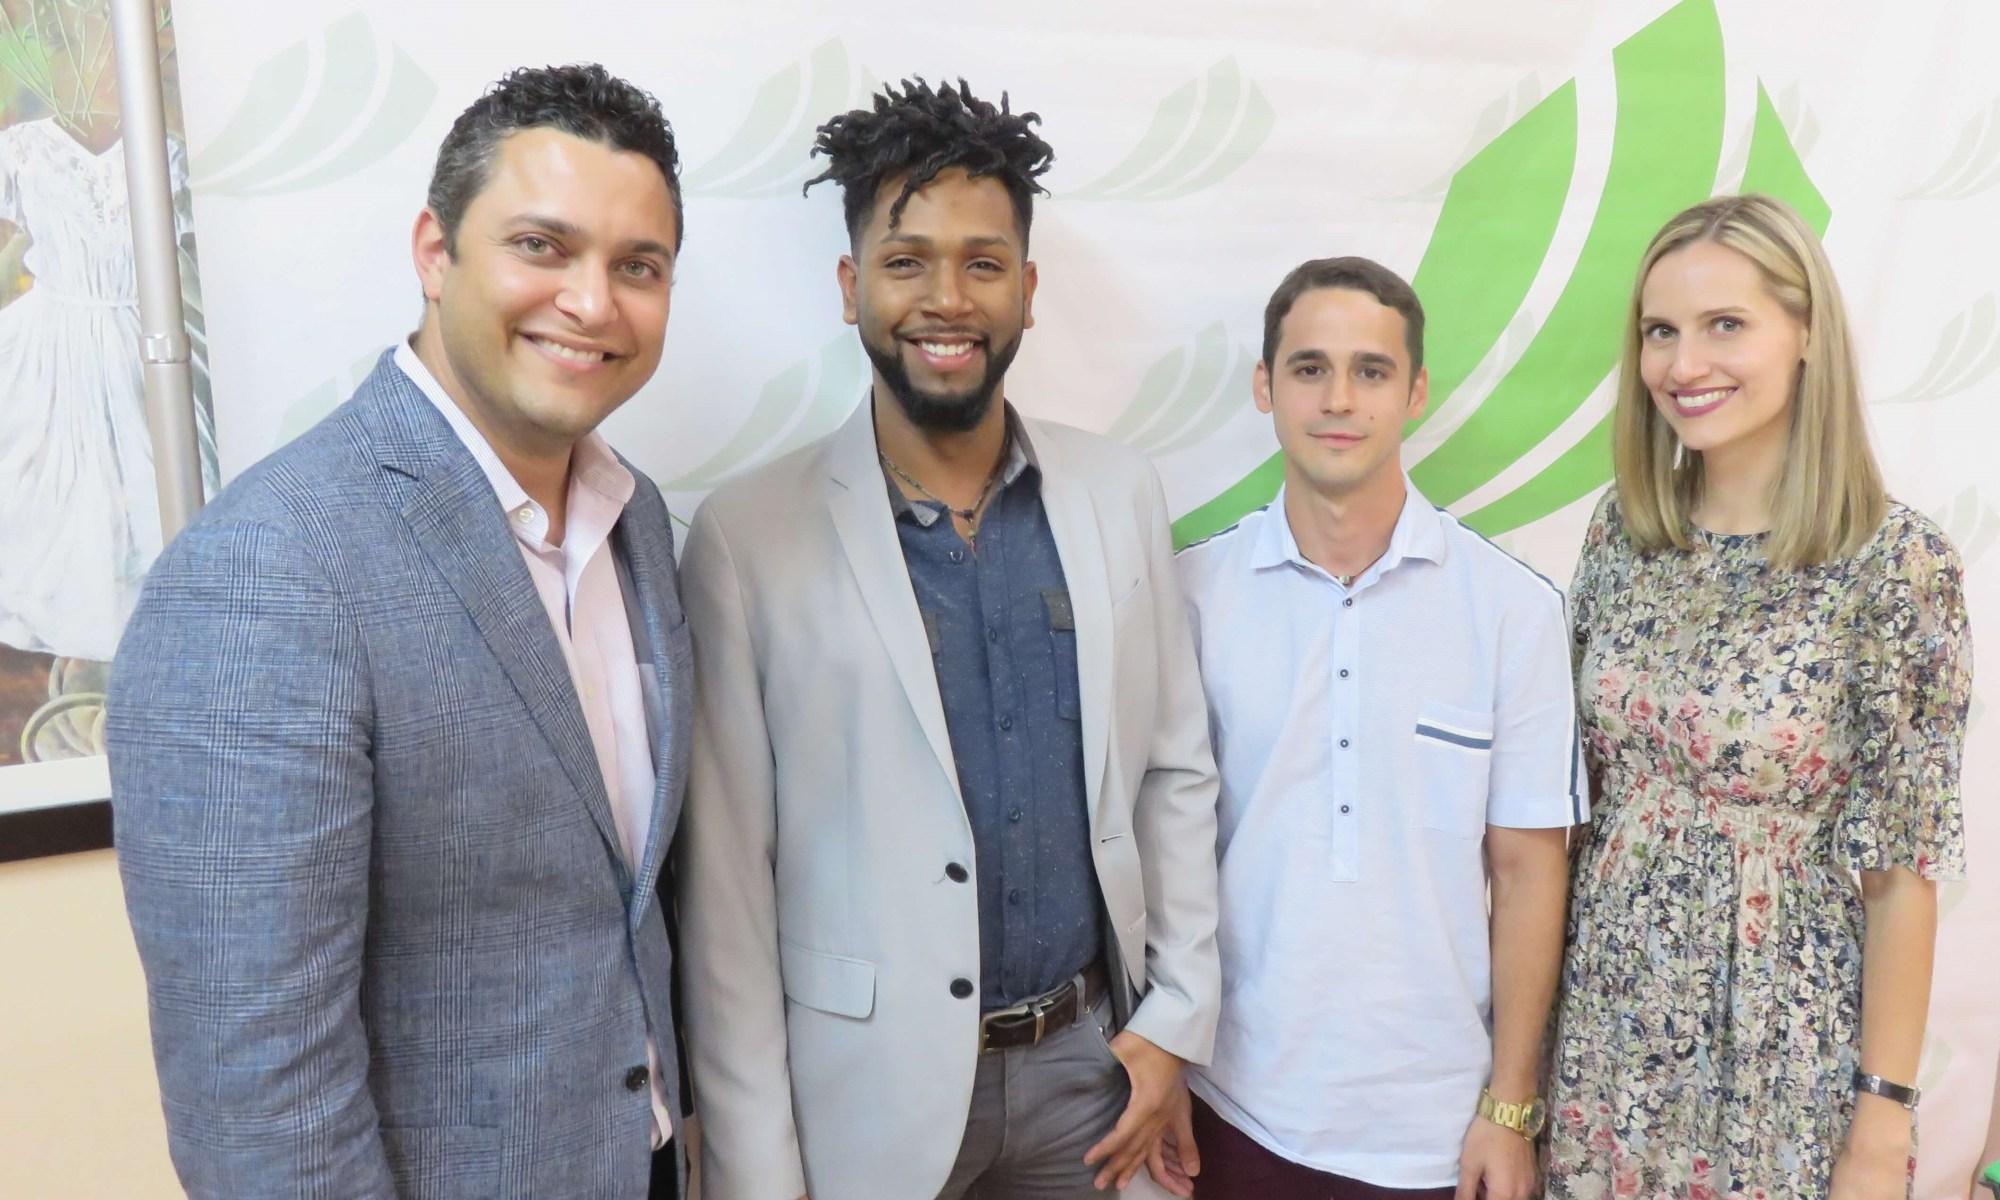 Estudiantes de Derecho UPR comprometidos con el desarrollo comunitario reciben apoyo económico del Fondo de Becas Lcdo. Ismael Betancourt y Lebrón